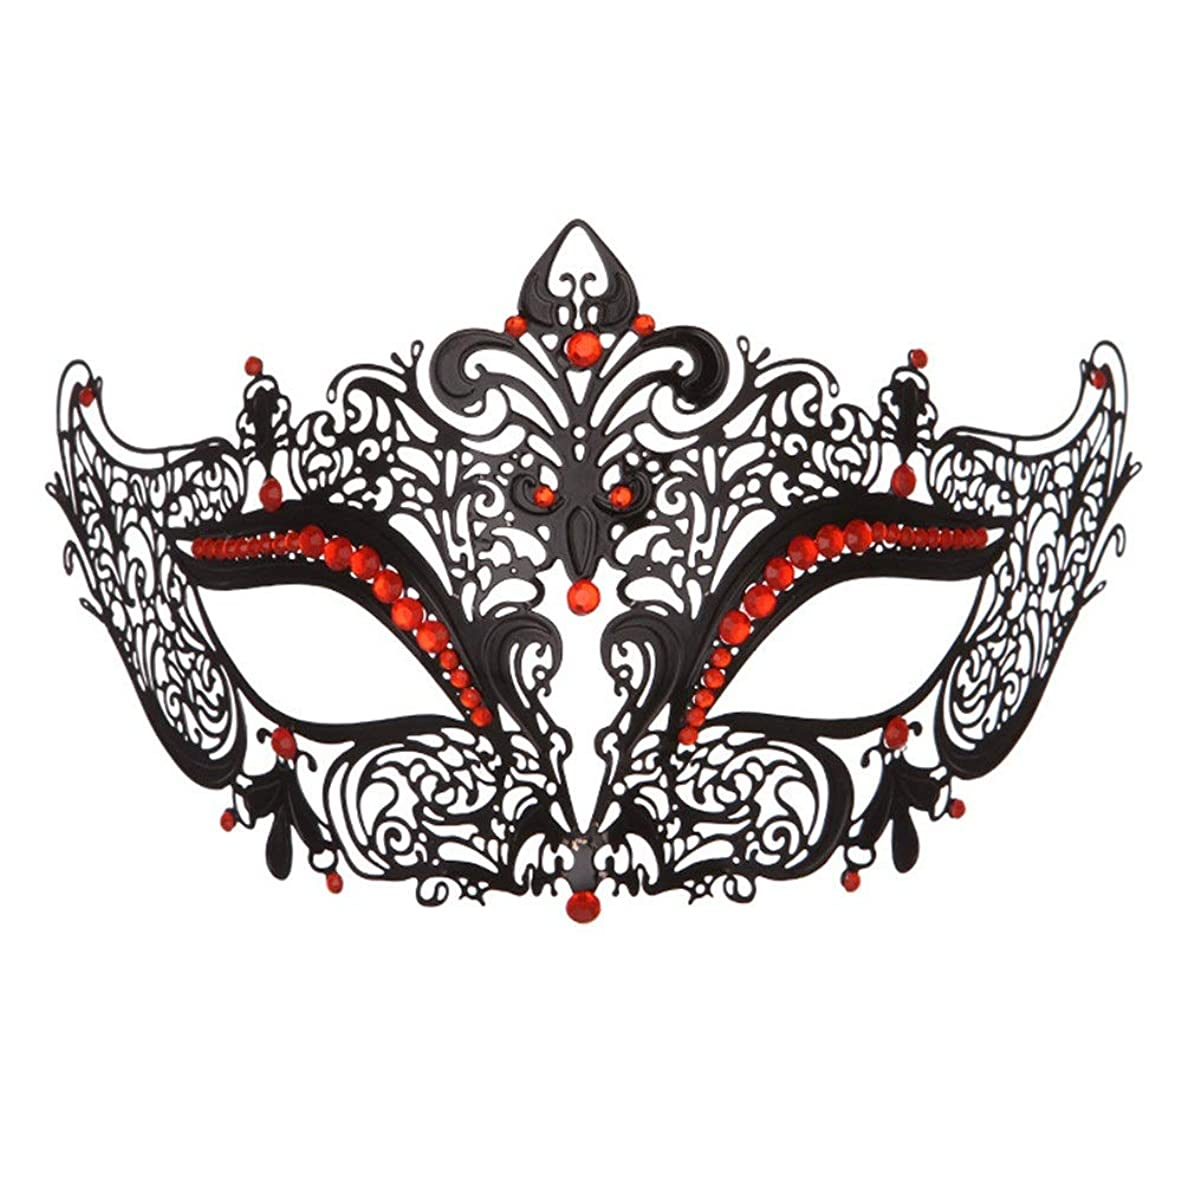 デマンドナプキン合体ダンスマスク 高級金属鉄マスク女性美少女中空ハーフフェイスファッションナイトクラブパーティー仮面舞踏会マスク ホリデーパーティー用品 (色 : 赤, サイズ : 19x8cm)